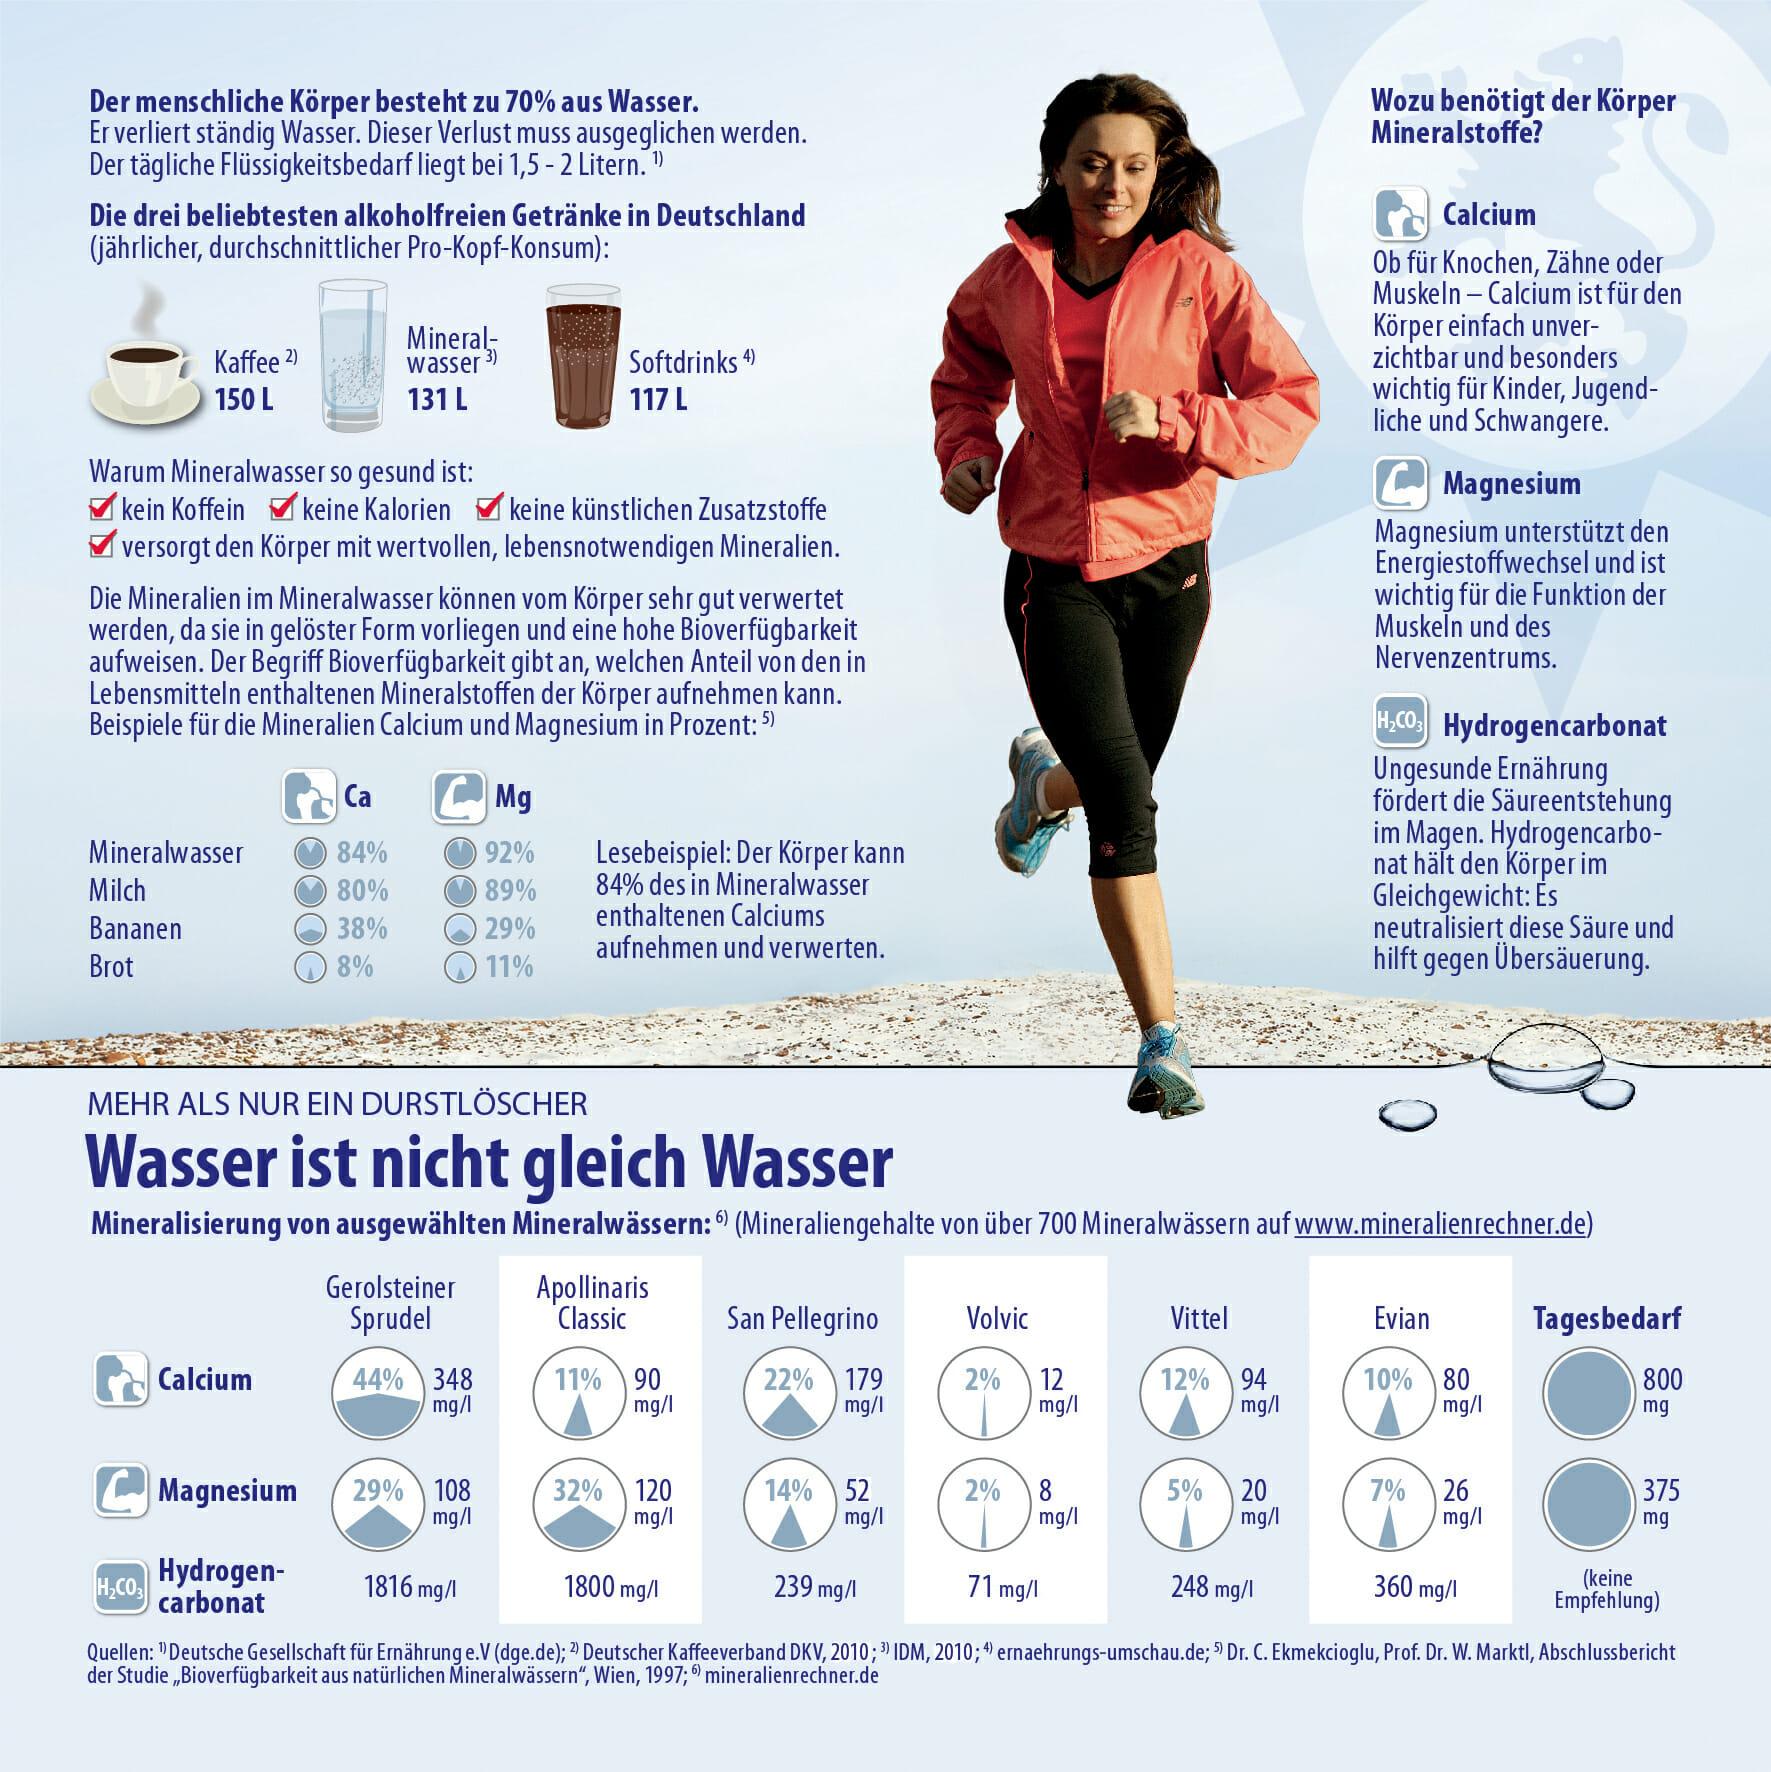 Studie zur größten Mineralwasser-Trinkaktion Deutschlands ...